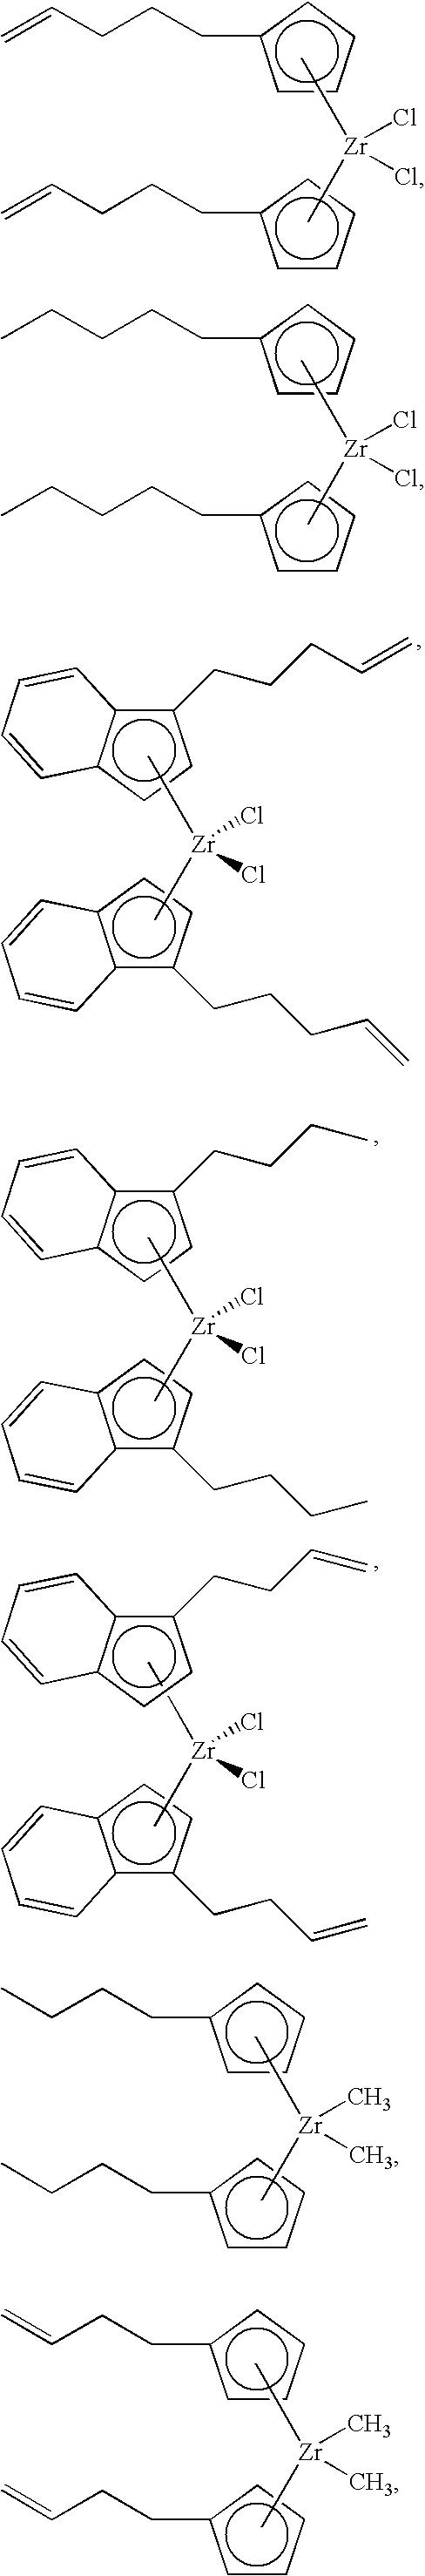 Figure US07619047-20091117-C00015